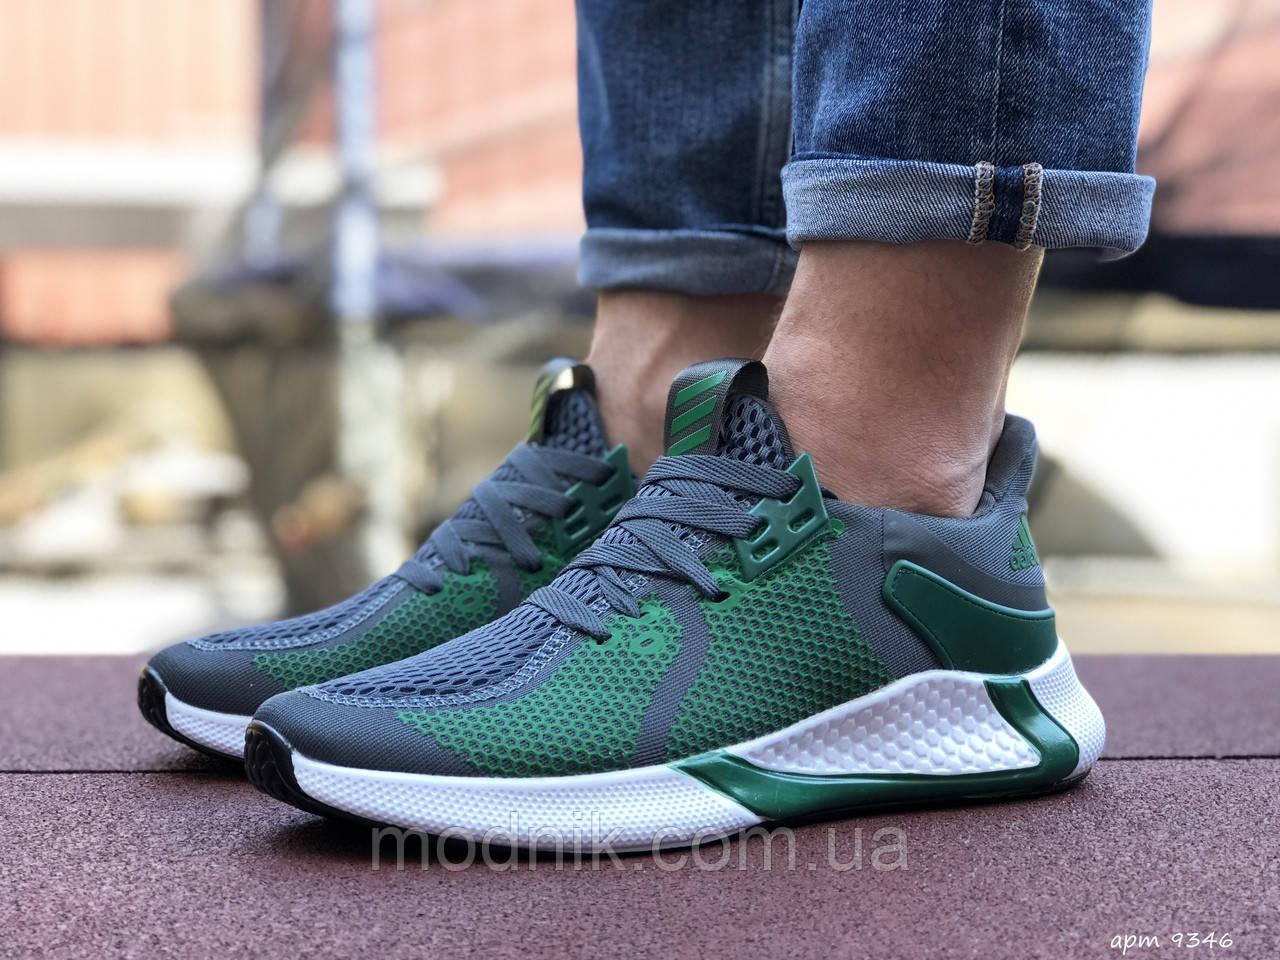 Мужские кроссовки Adidas (зелено-серые с белым) 9346